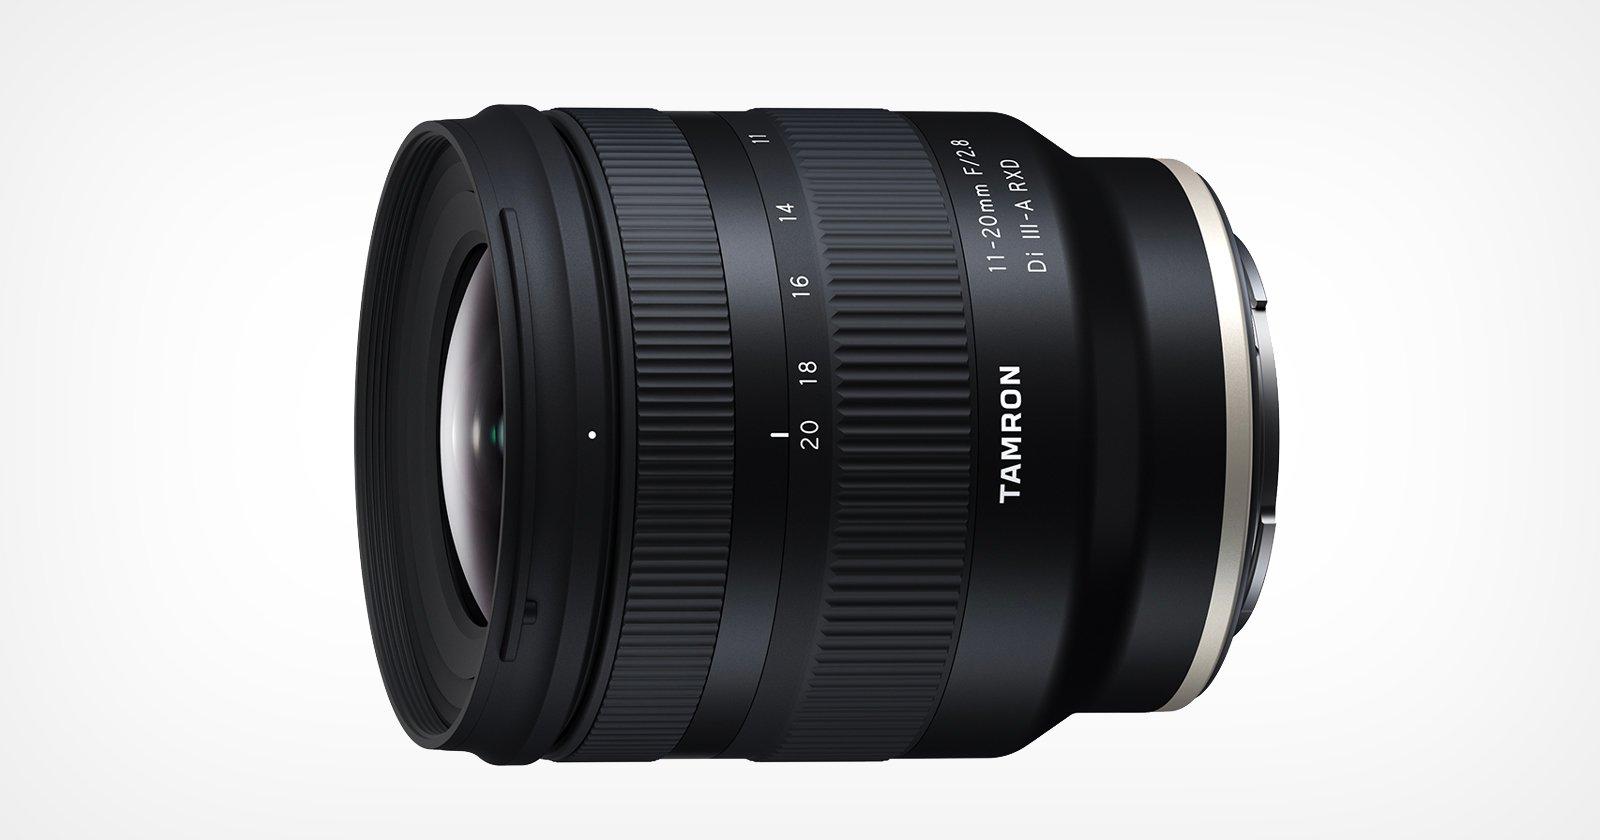 Tamron presenta il primo obiettivo al mondo da 11-20 mm f / 2.8 per Sony APS-C E-Mount